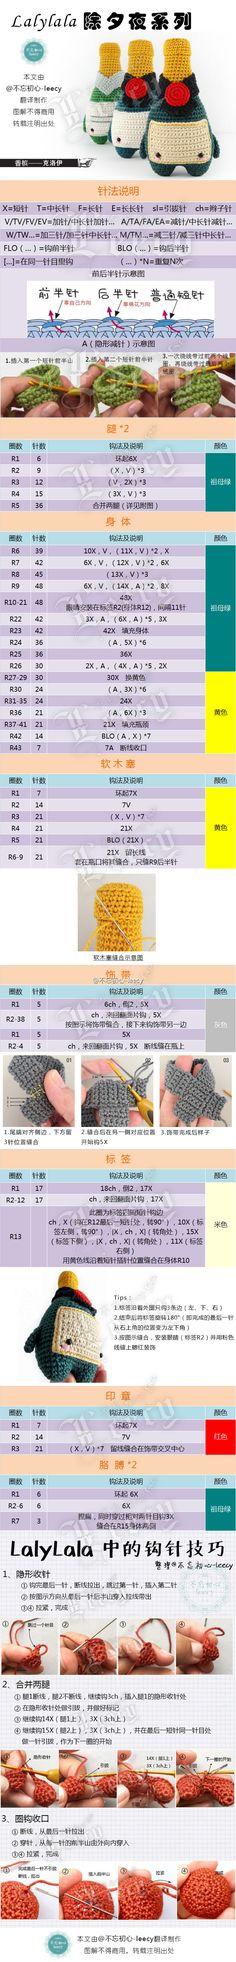 GALA manual Weibo microblogging _